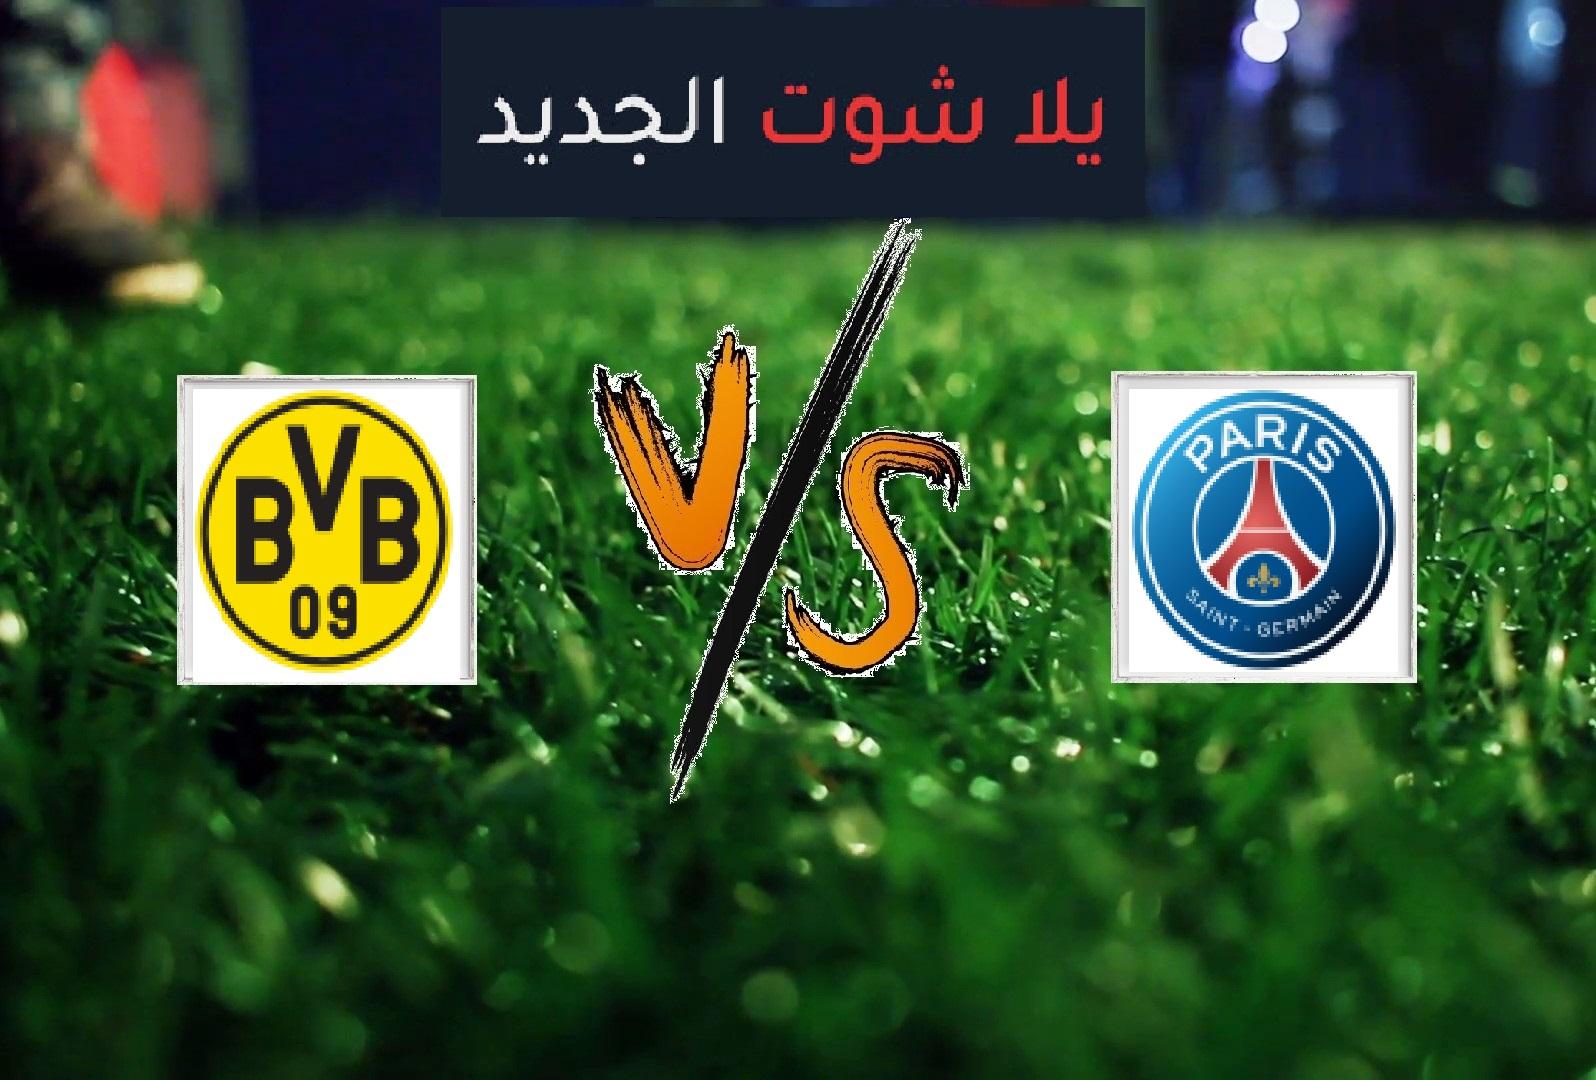 نتيجة مباراة باريس سان جيرمان وبوروسيا دورتموند بتاريخ 11-03-2020 دوري أبطال أوروبا